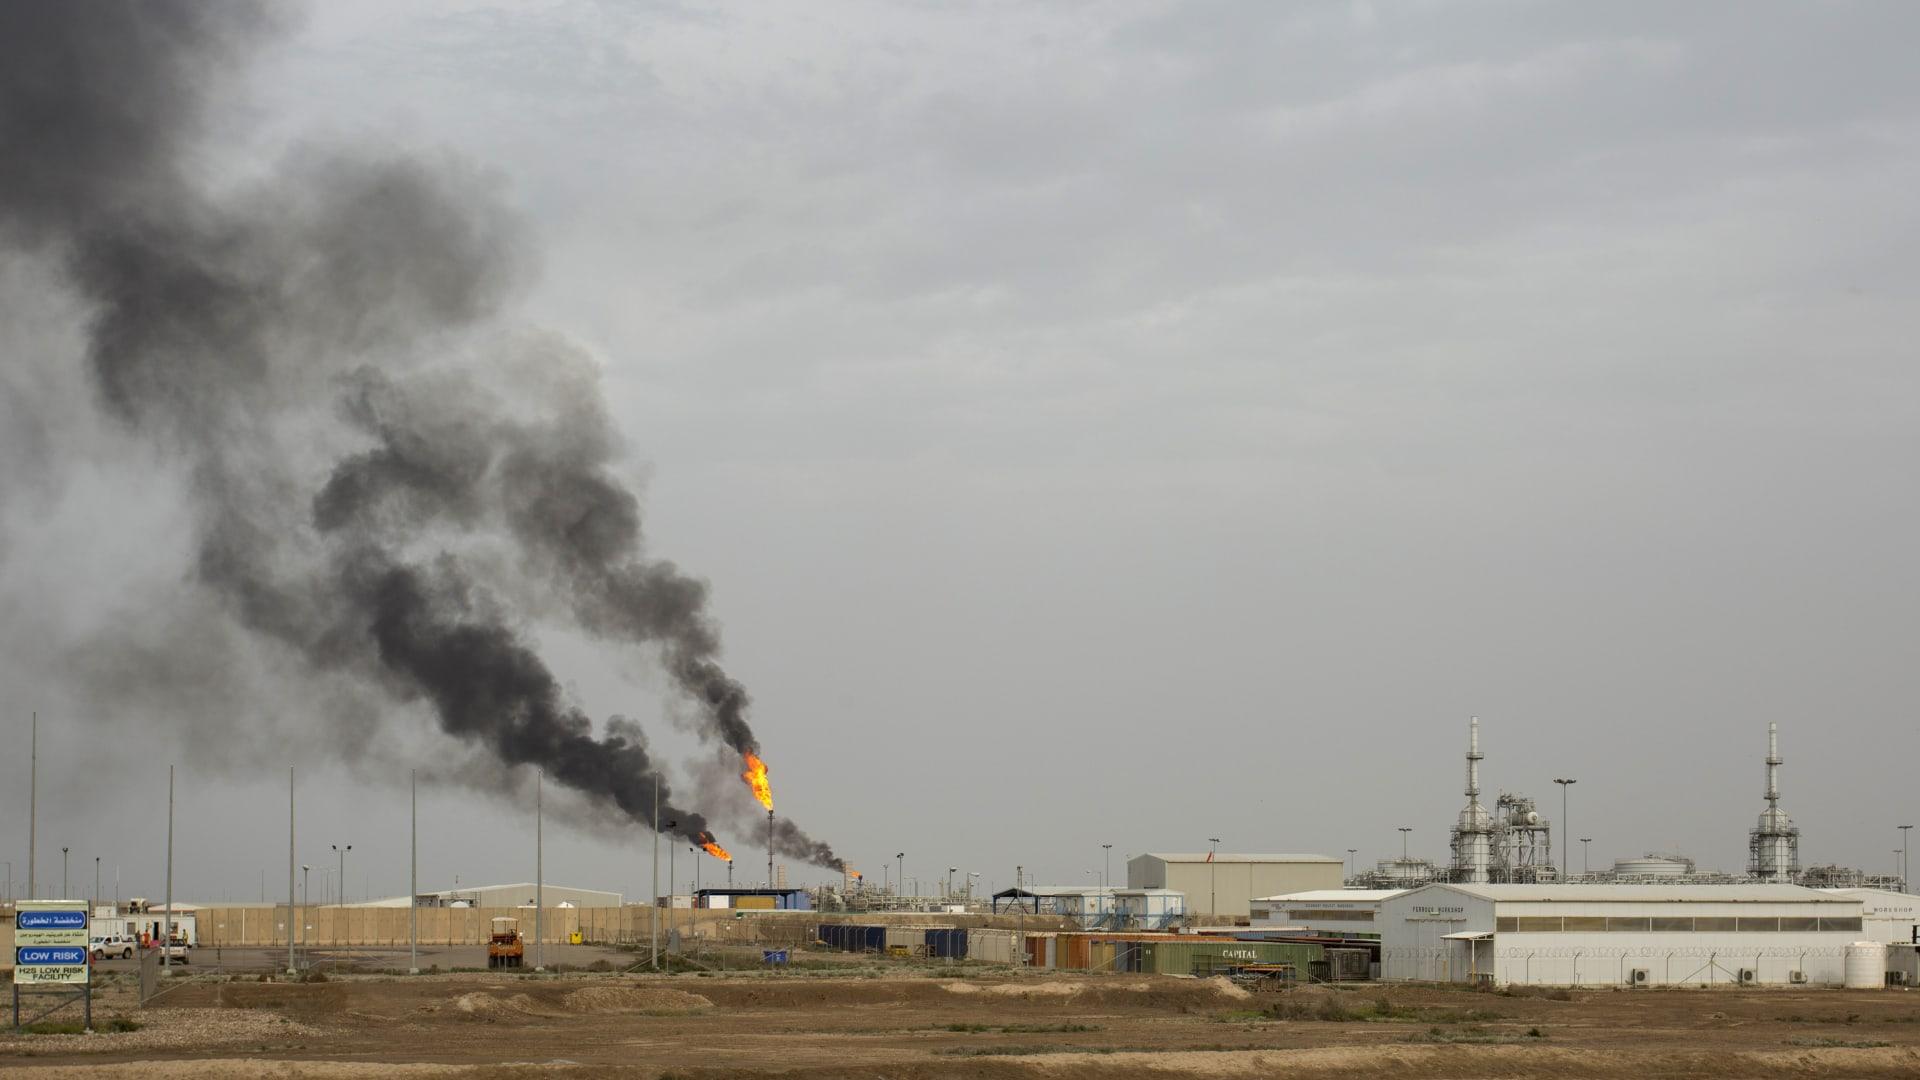 مصادر لـCNN: استهداف شركة نفطية بصاروخ كاتيوشا في البصرة بالعراق